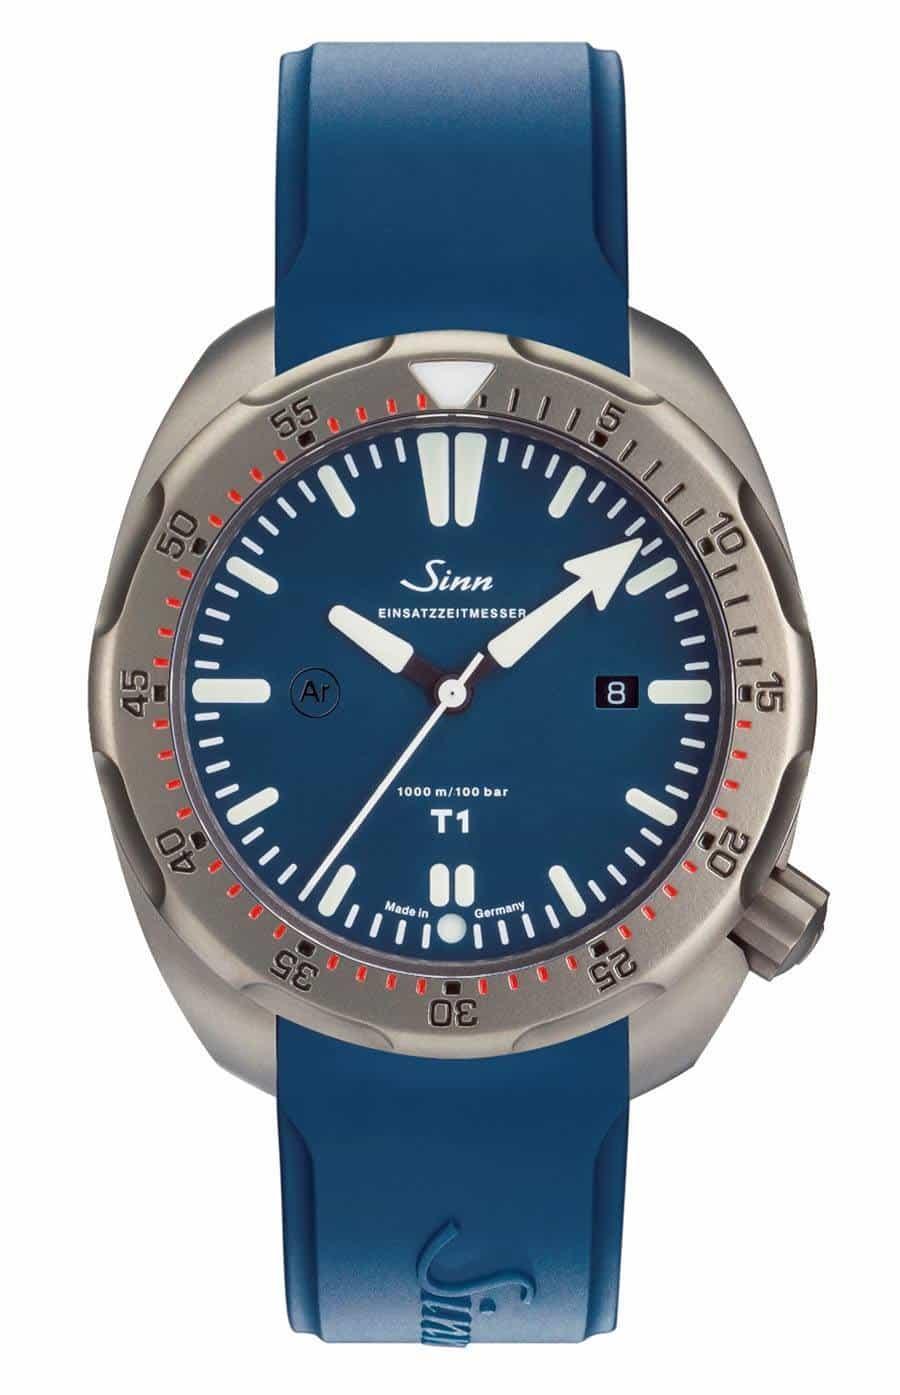 Diving Watches - Sinn T1 B